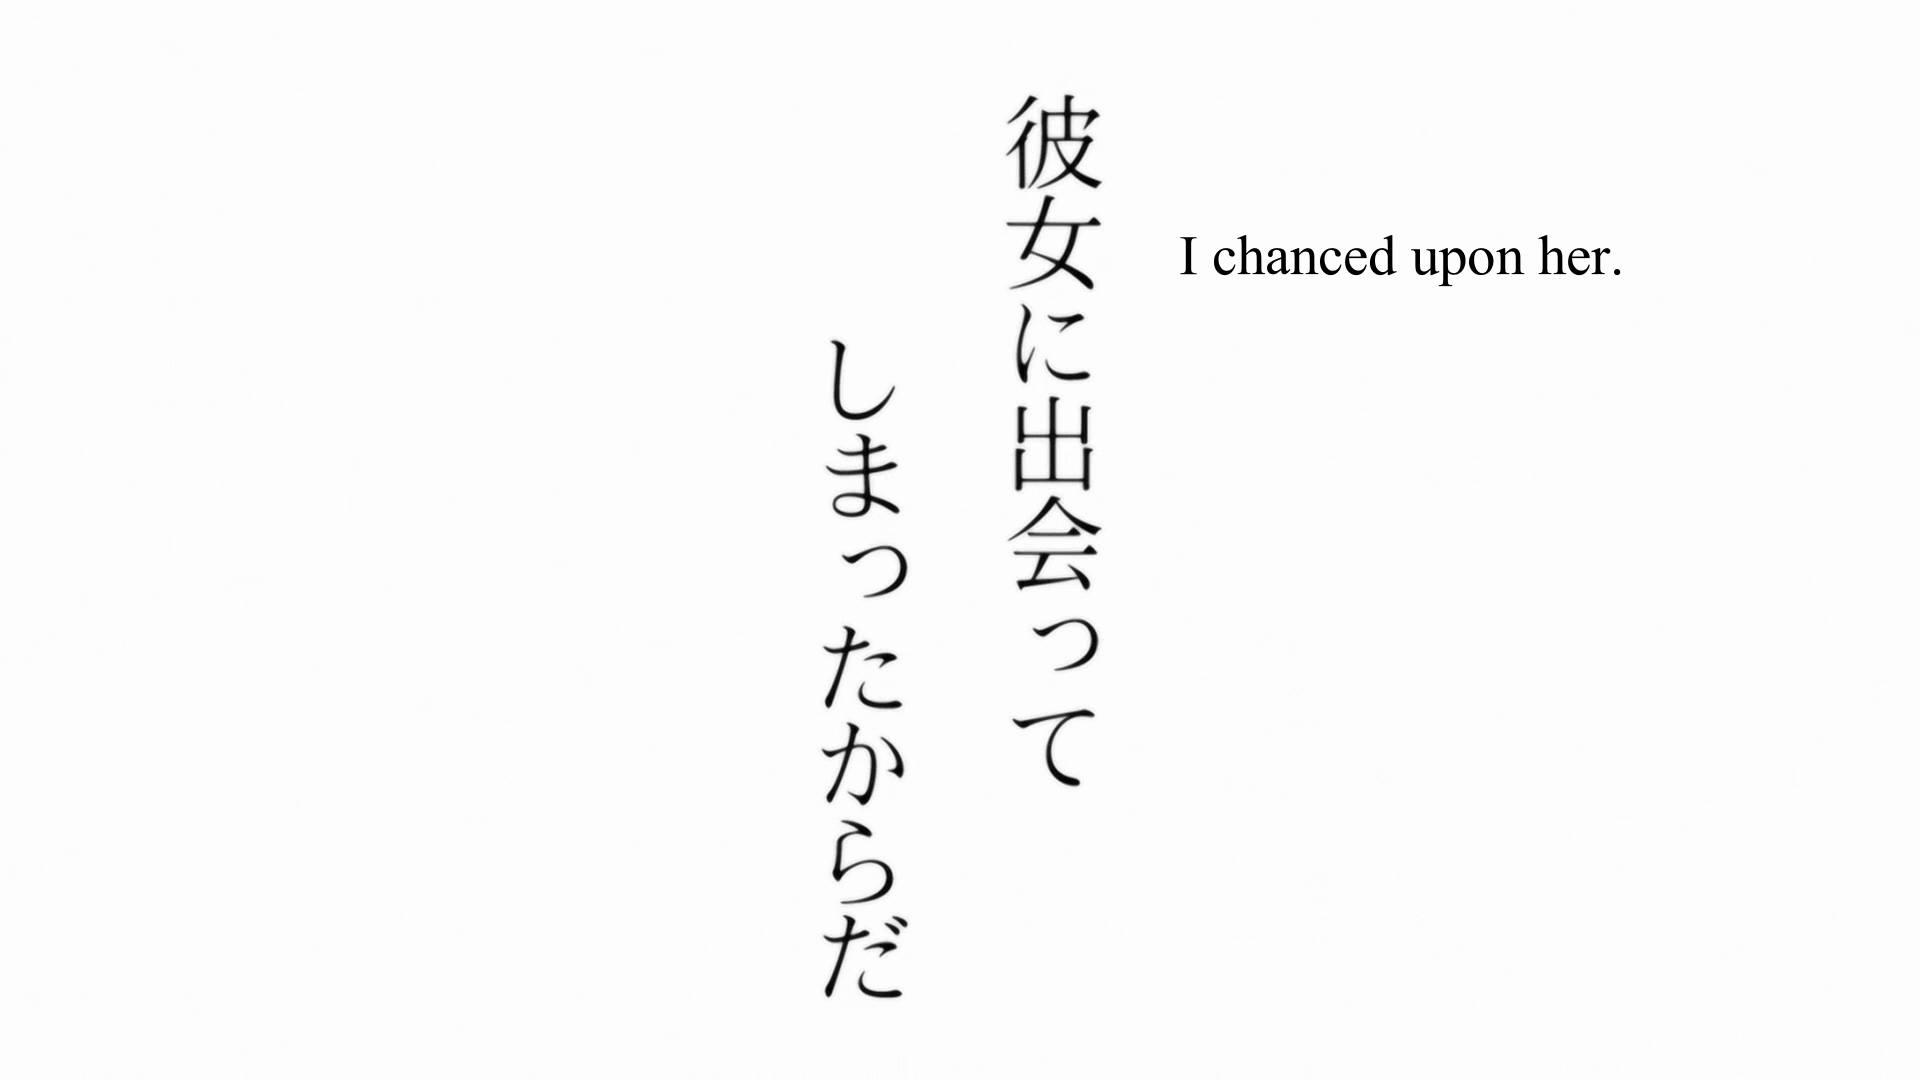 Bungaku Shoujo 5